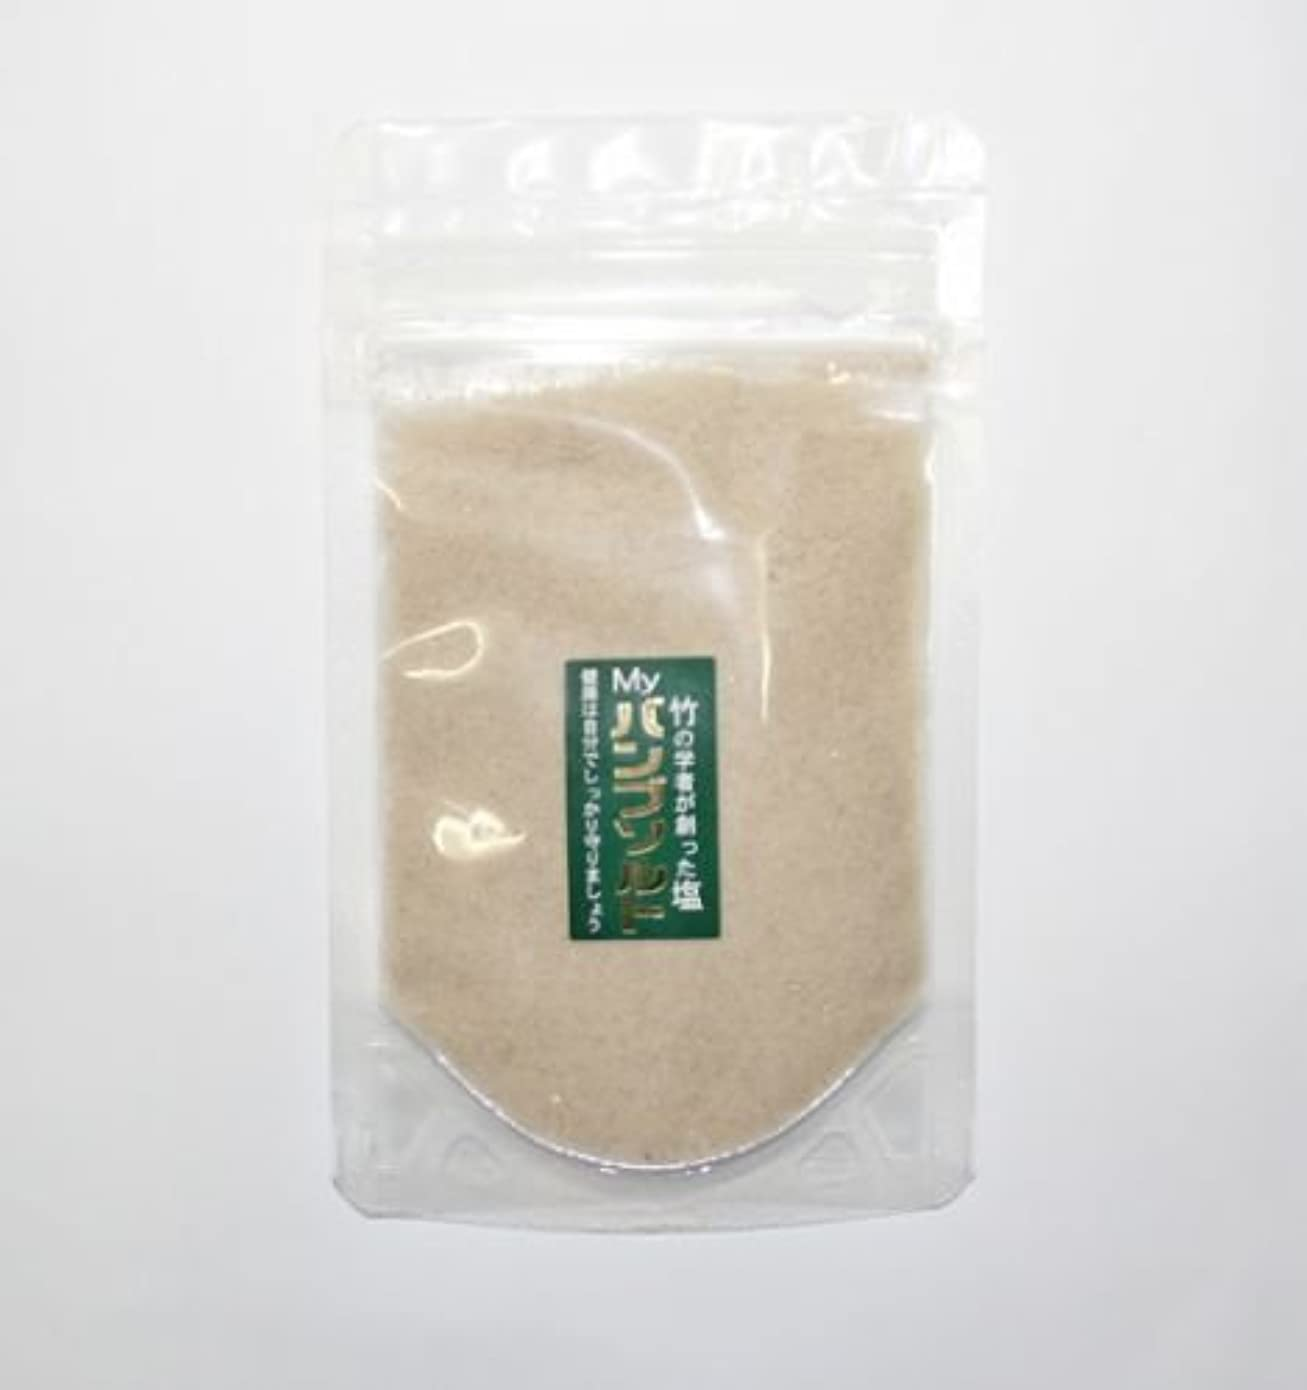 スープますますコマンドバンブソルト詰め替え用(内容量:50g)